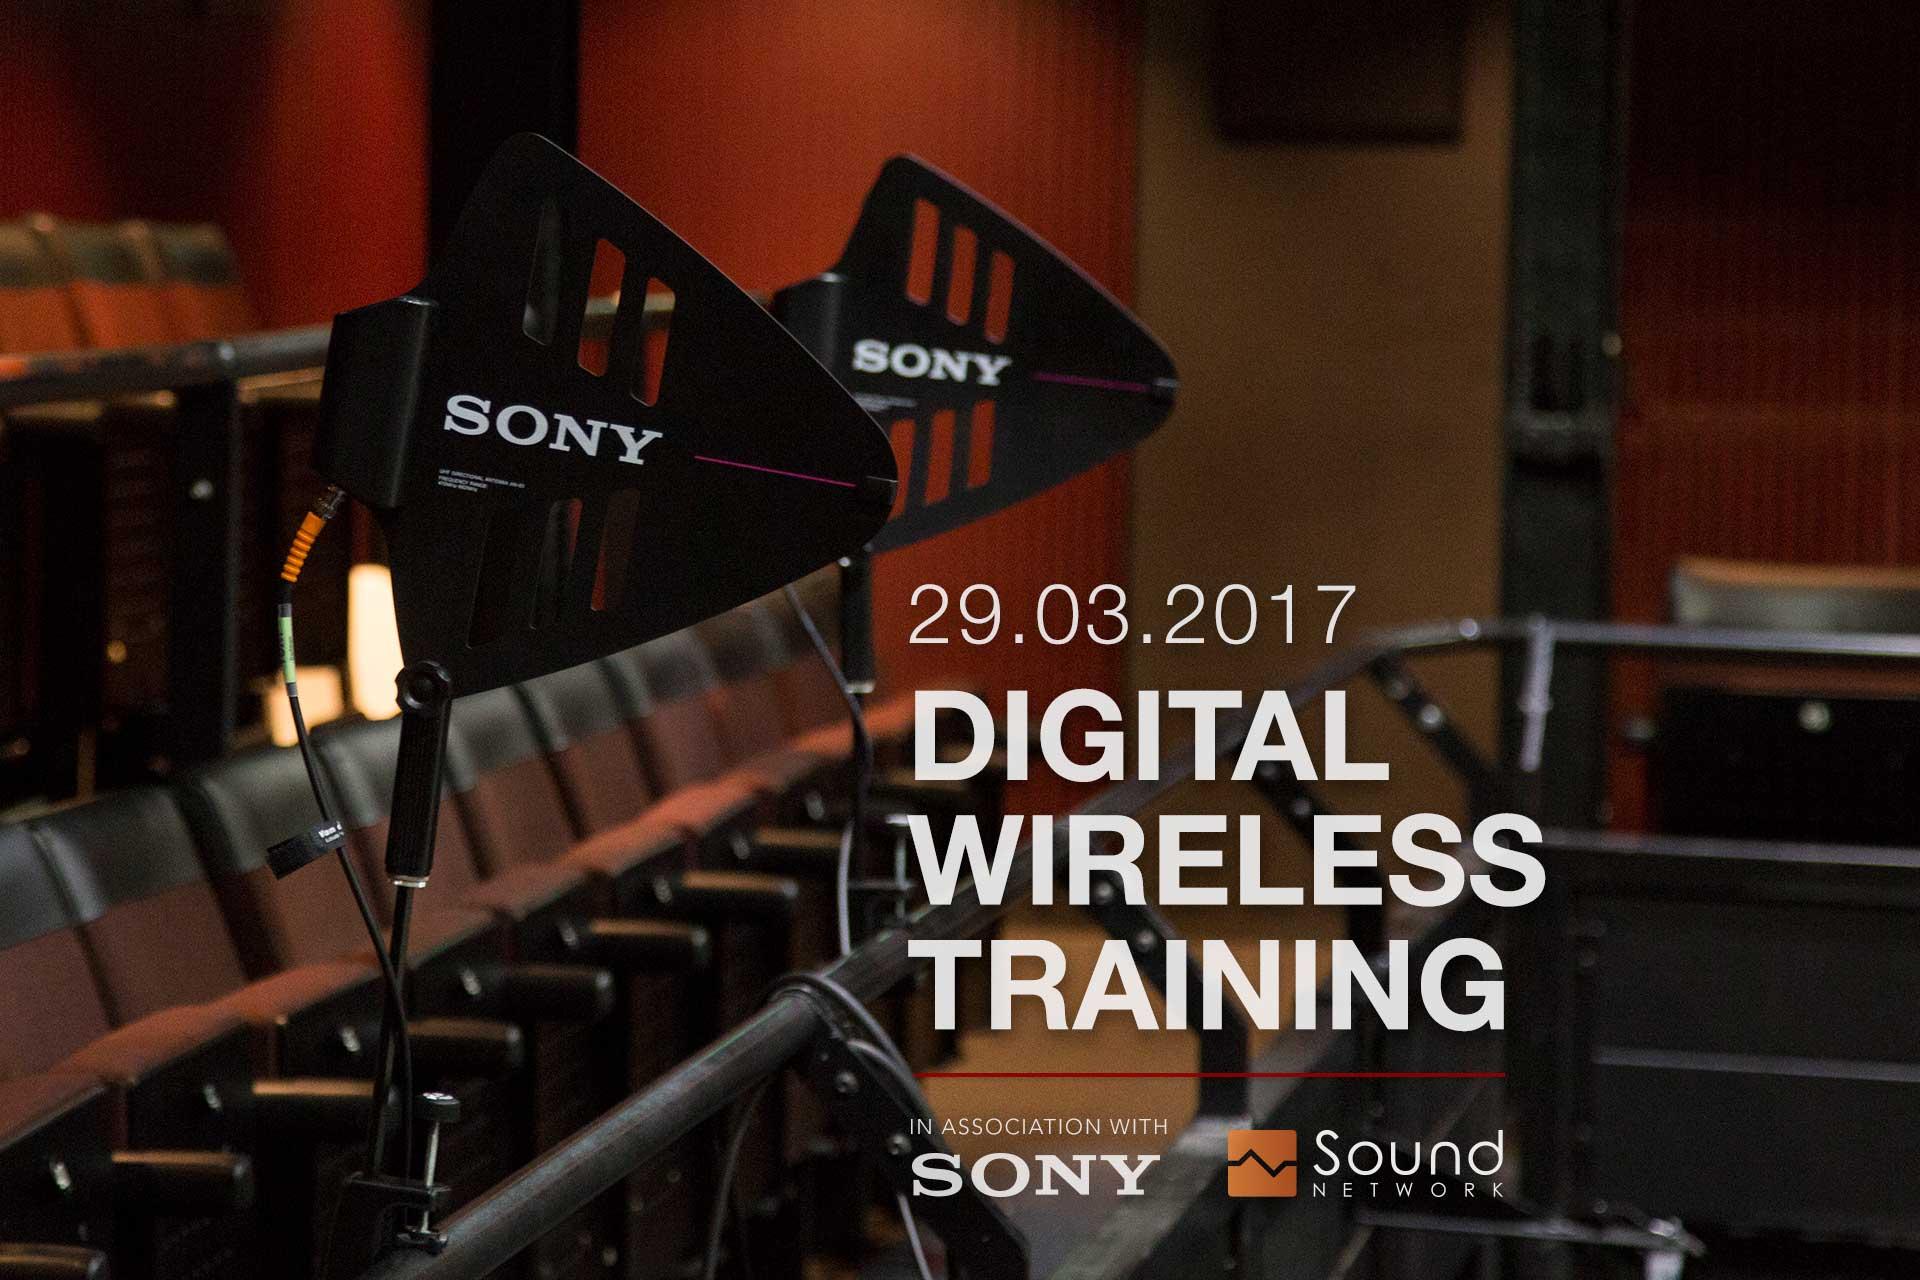 Sony Wireless Training March 2017